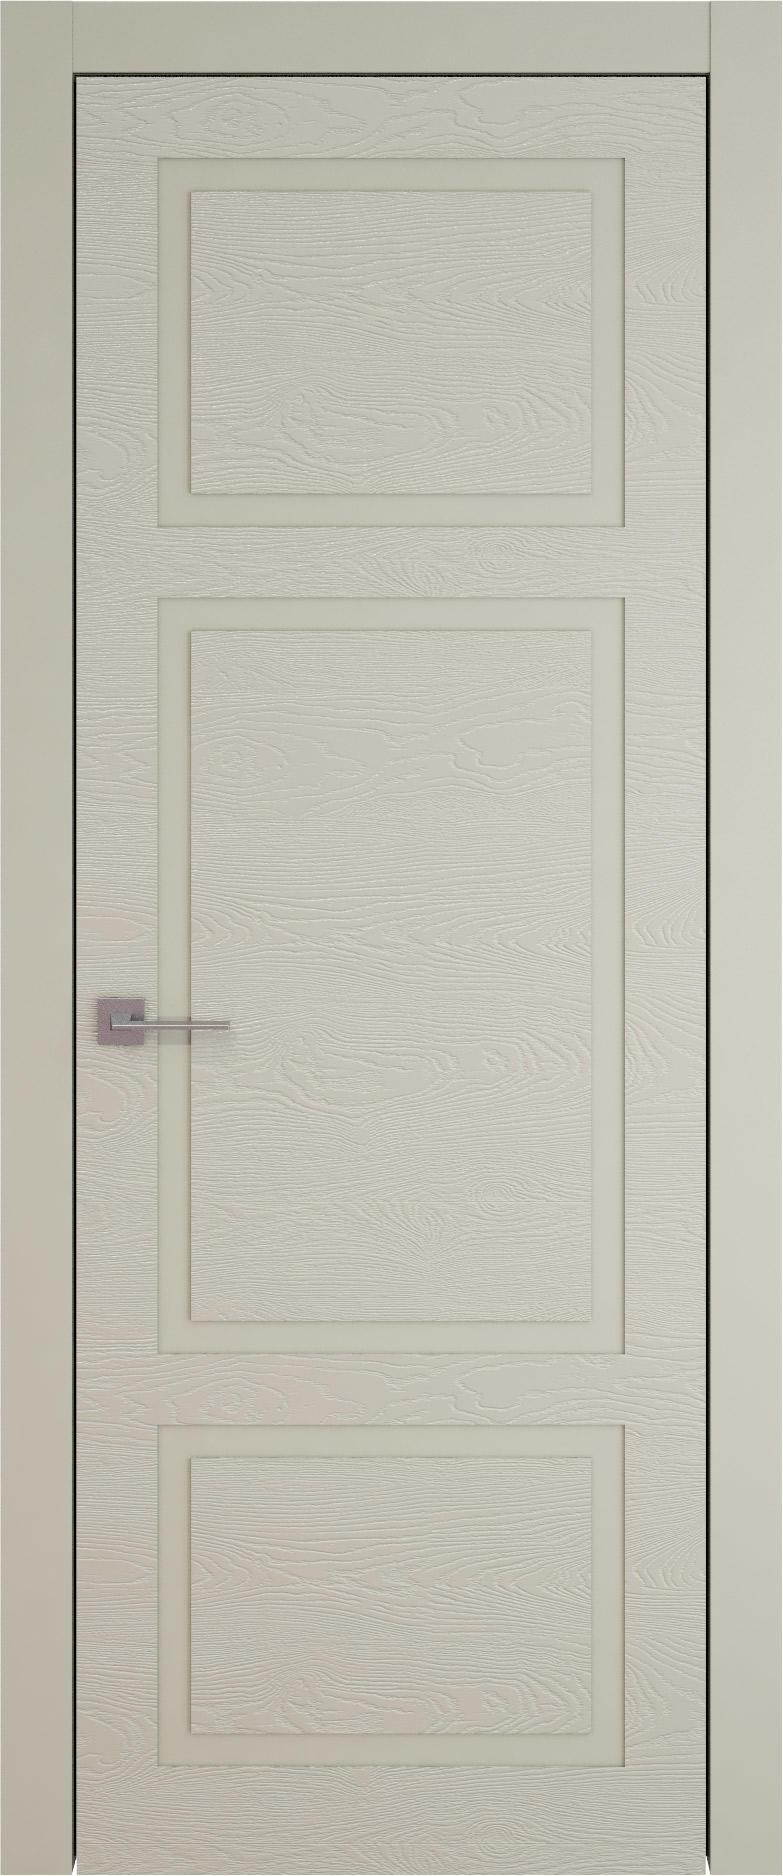 Tivoli К-5 цвет - Серо-оливковая эмаль по шпону (RAL 7032) Без стекла (ДГ)